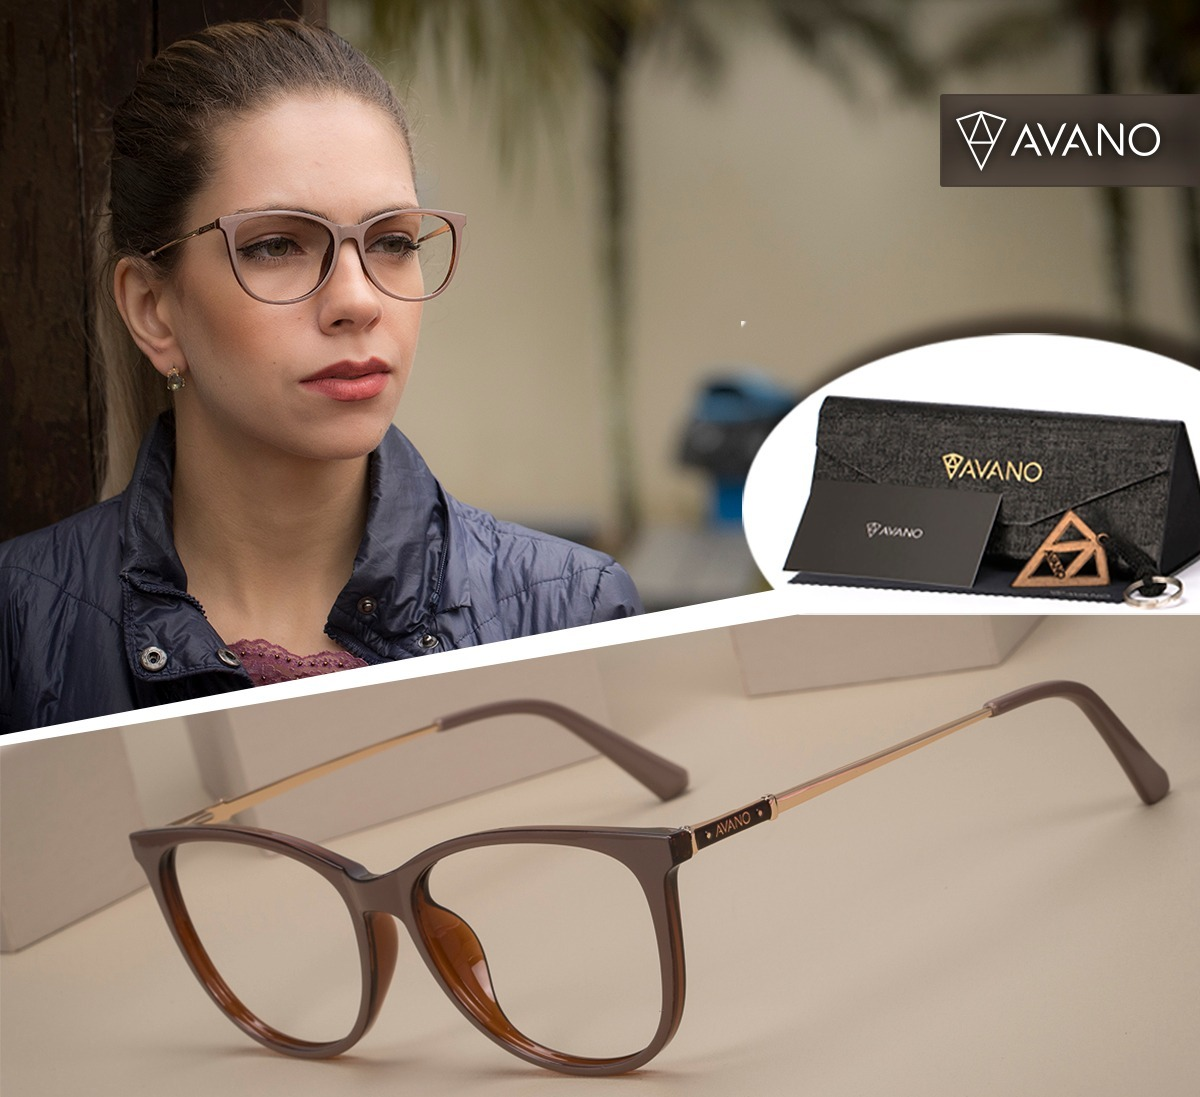 b4929e362 Armação Oculos Avano Av 228-c Feminino Com Lente Sem Grau - R$ 70,00 ...